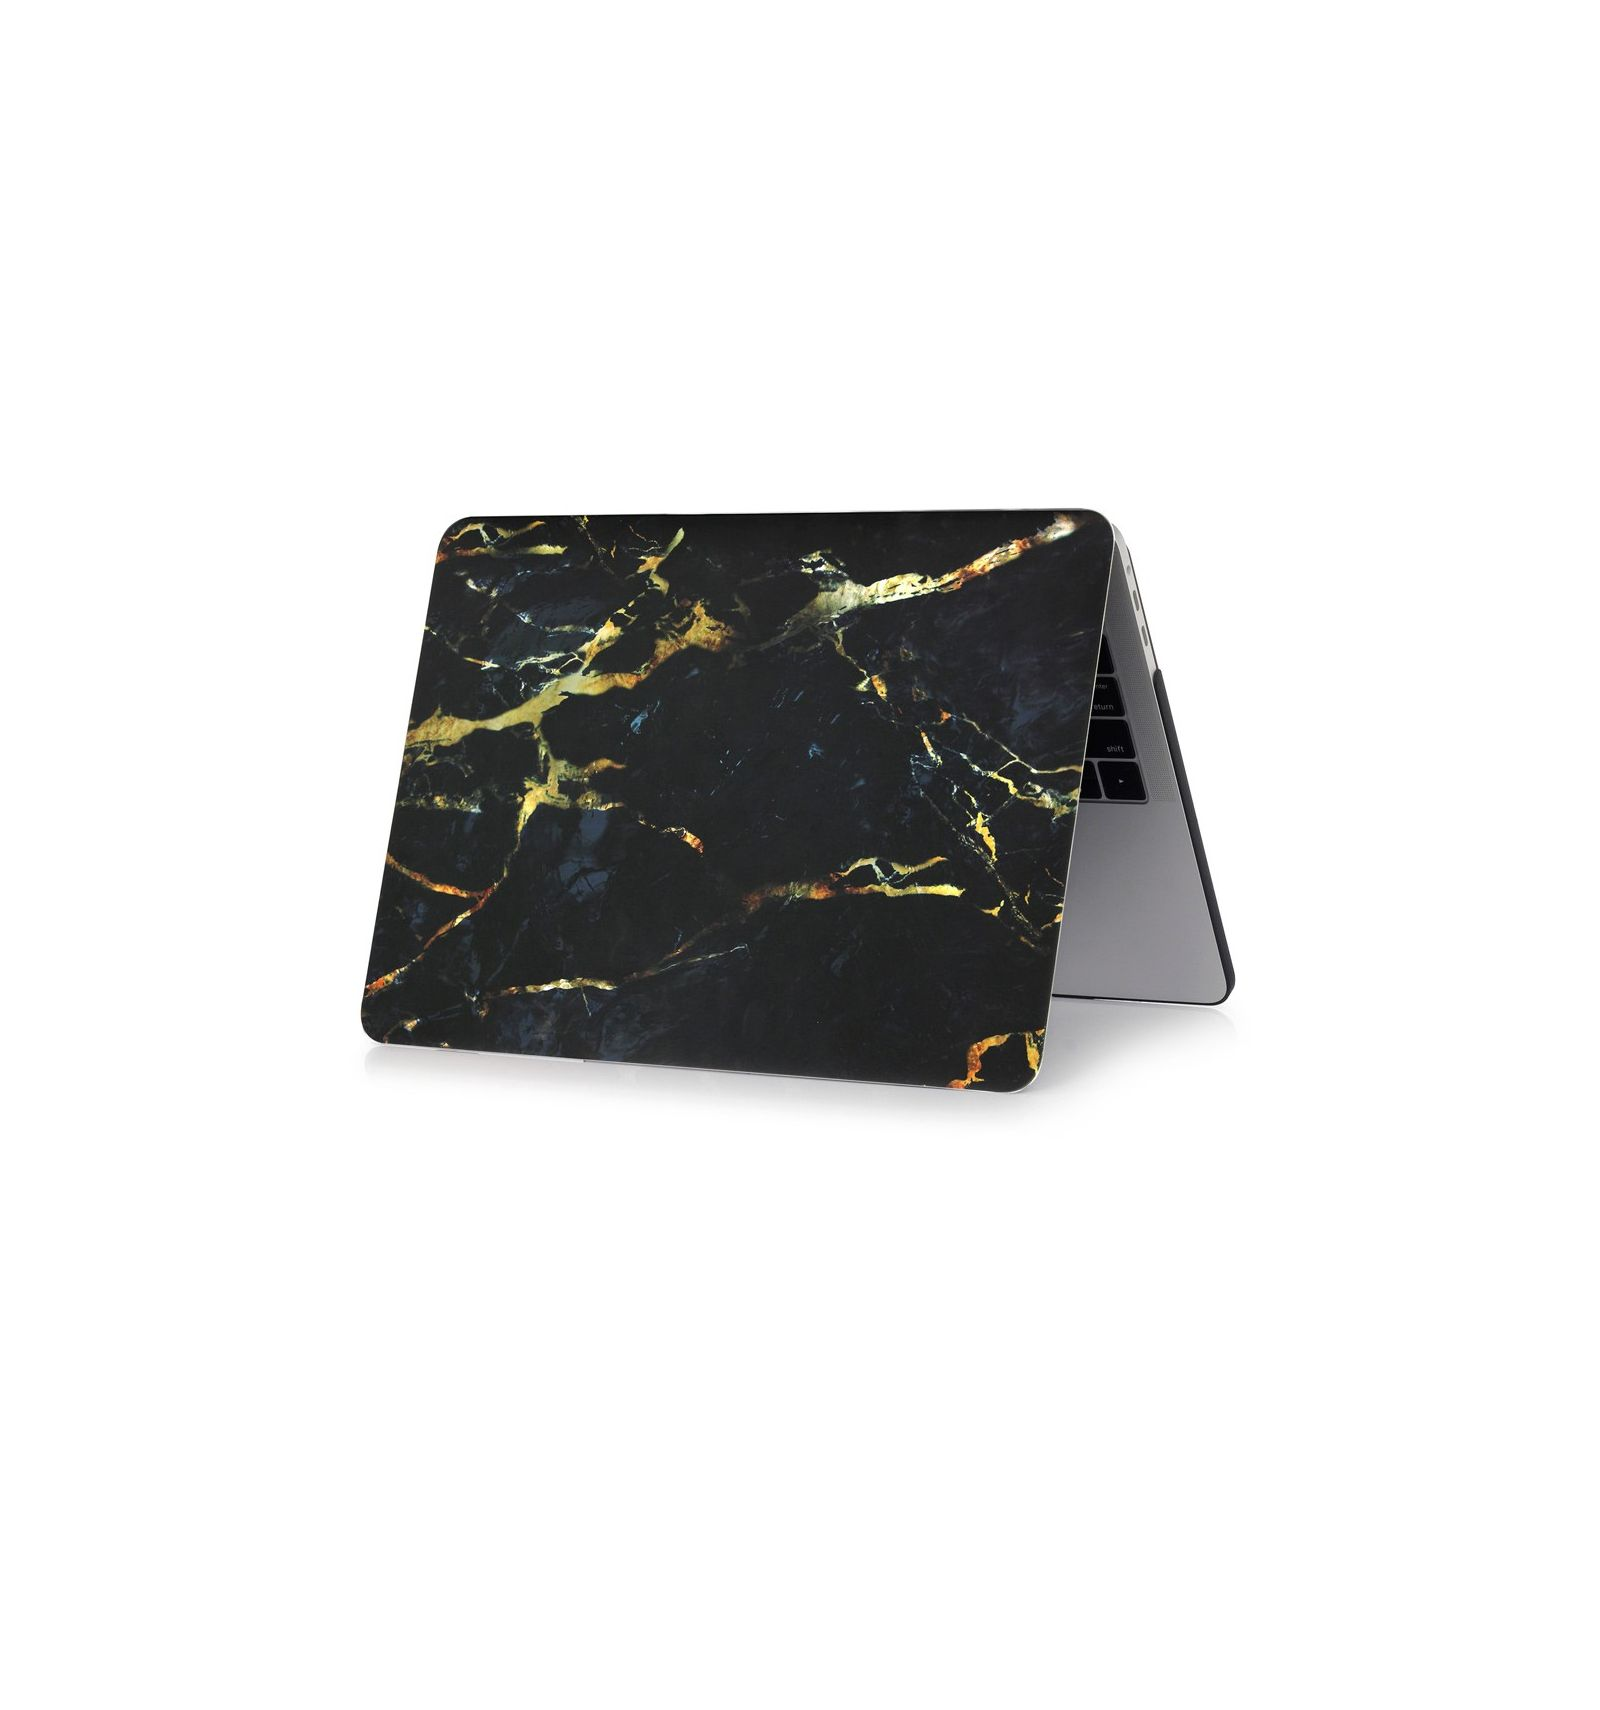 macbook air 13 pouces 2018 coque motif marbre noir or